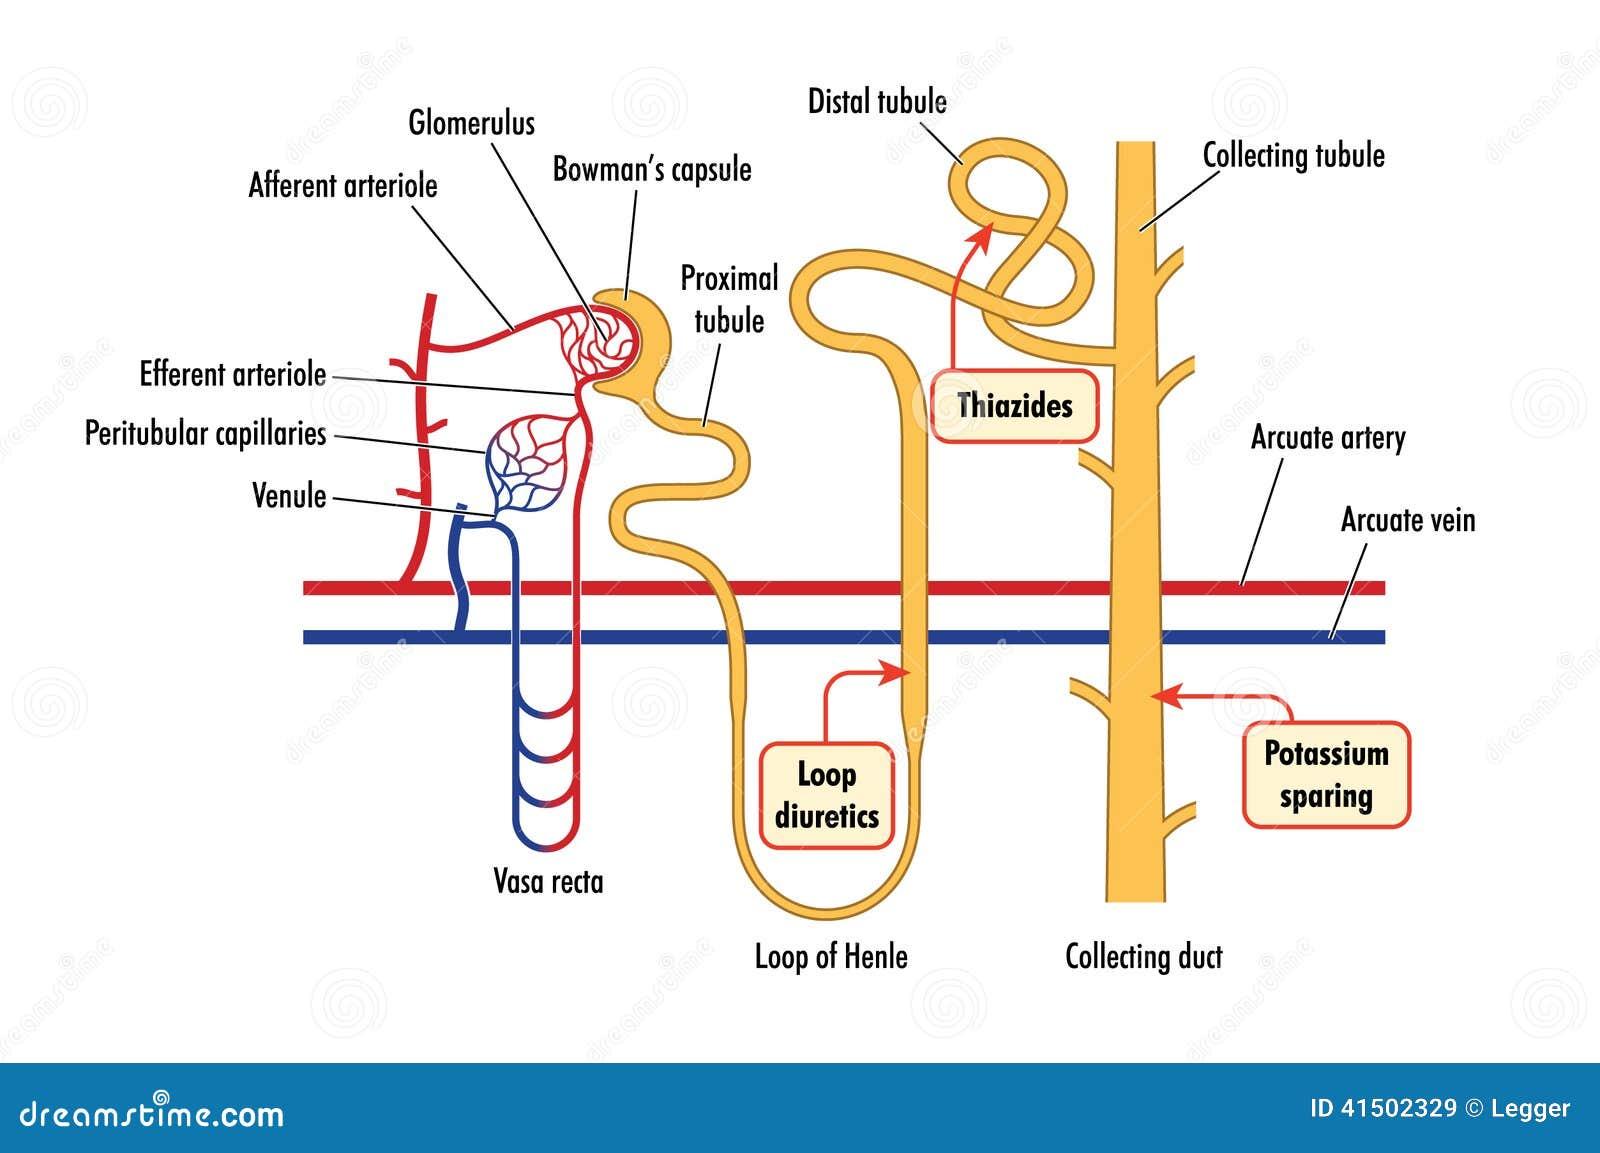 Diagramm der Nierendrogenaktion